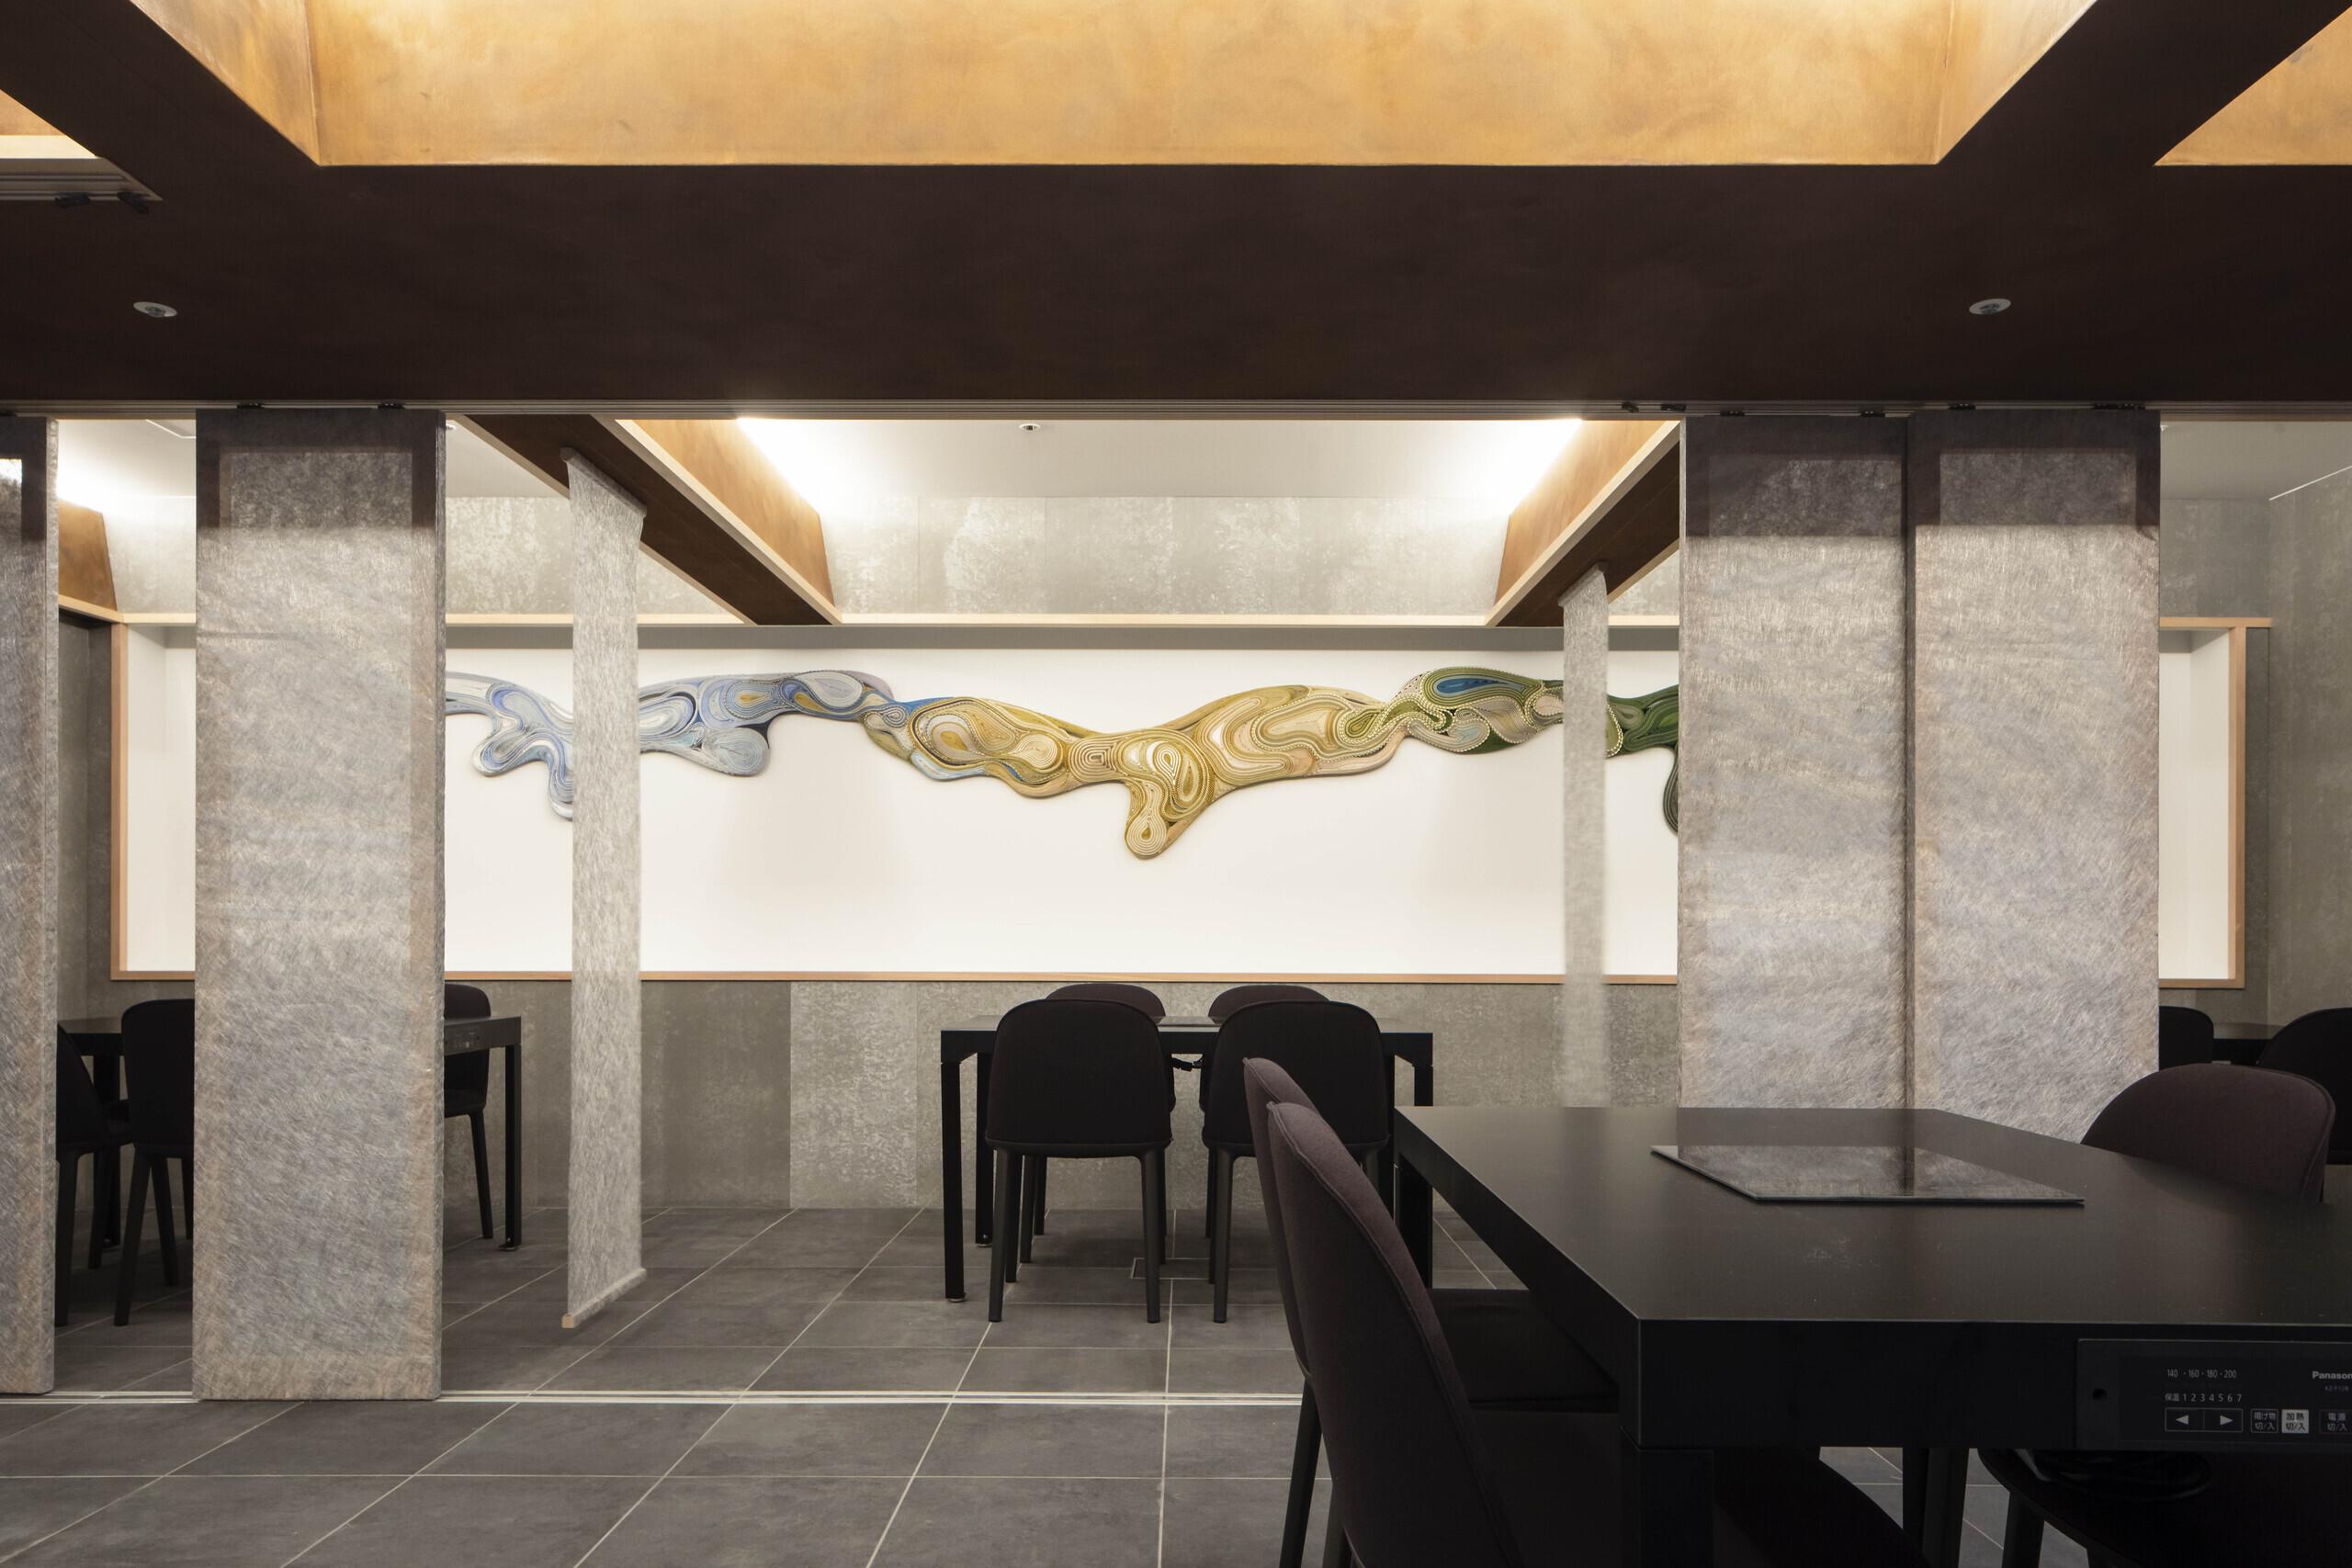 restaurant M _ 錆格子と銀暖簾とアートピースの建築事例写真